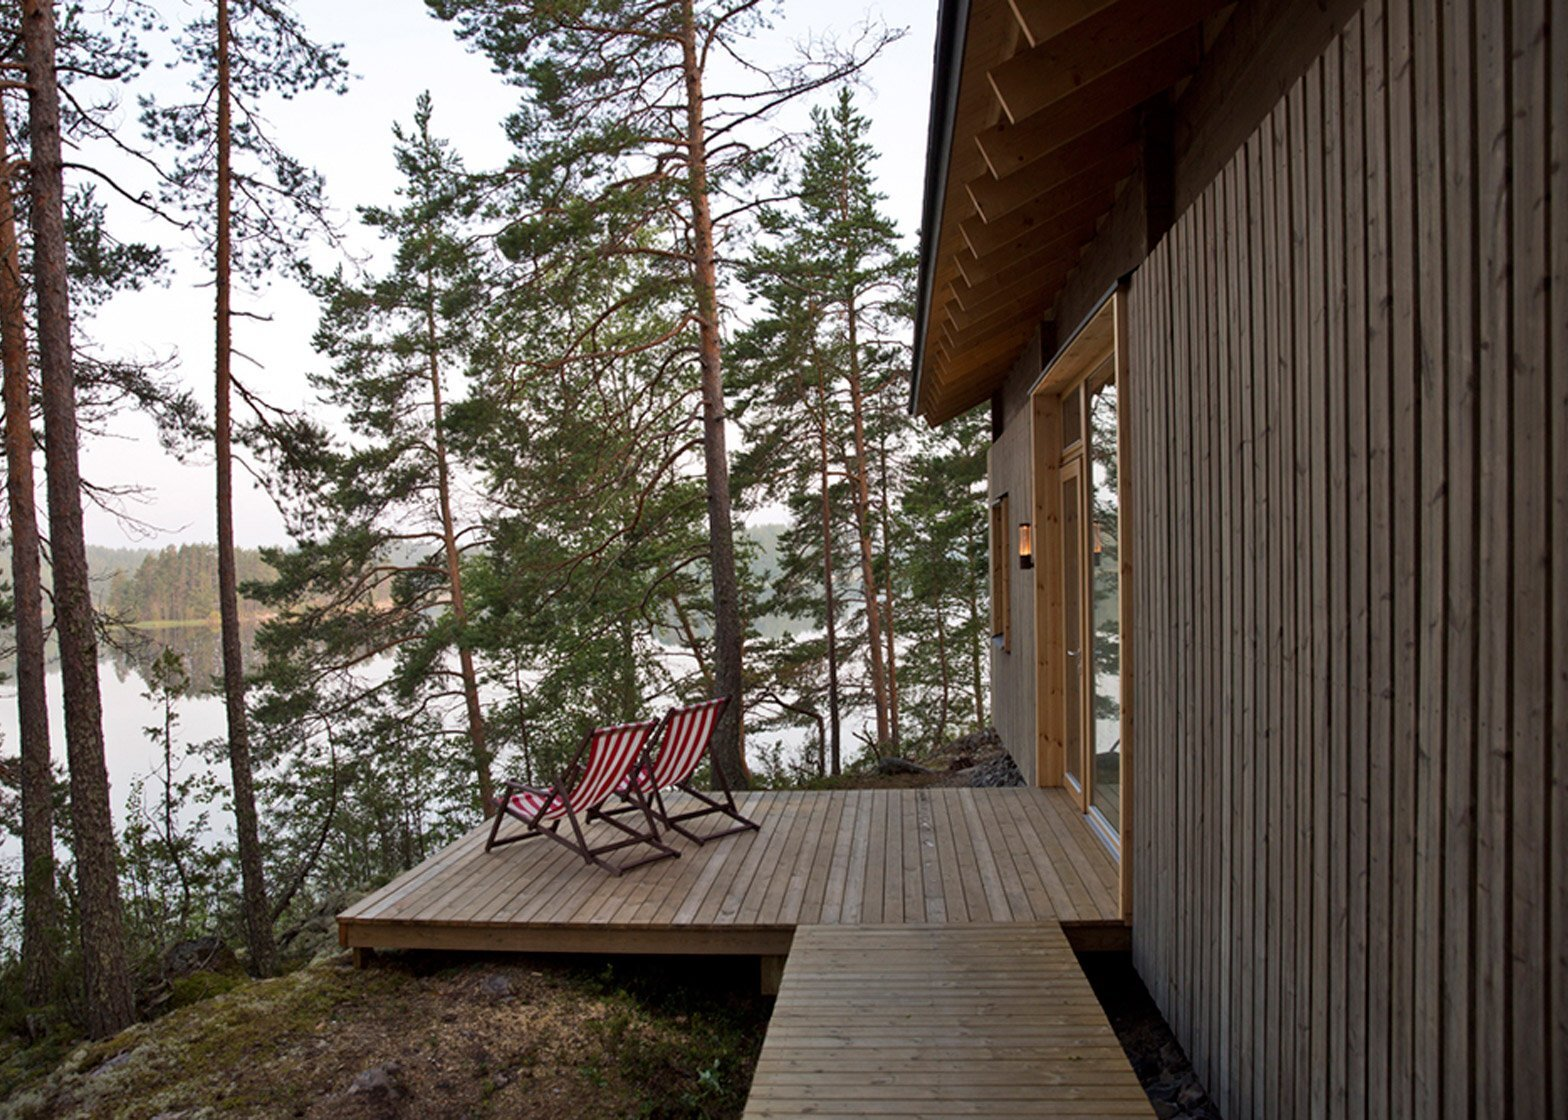 Cabin K Sini Kamppari Finland